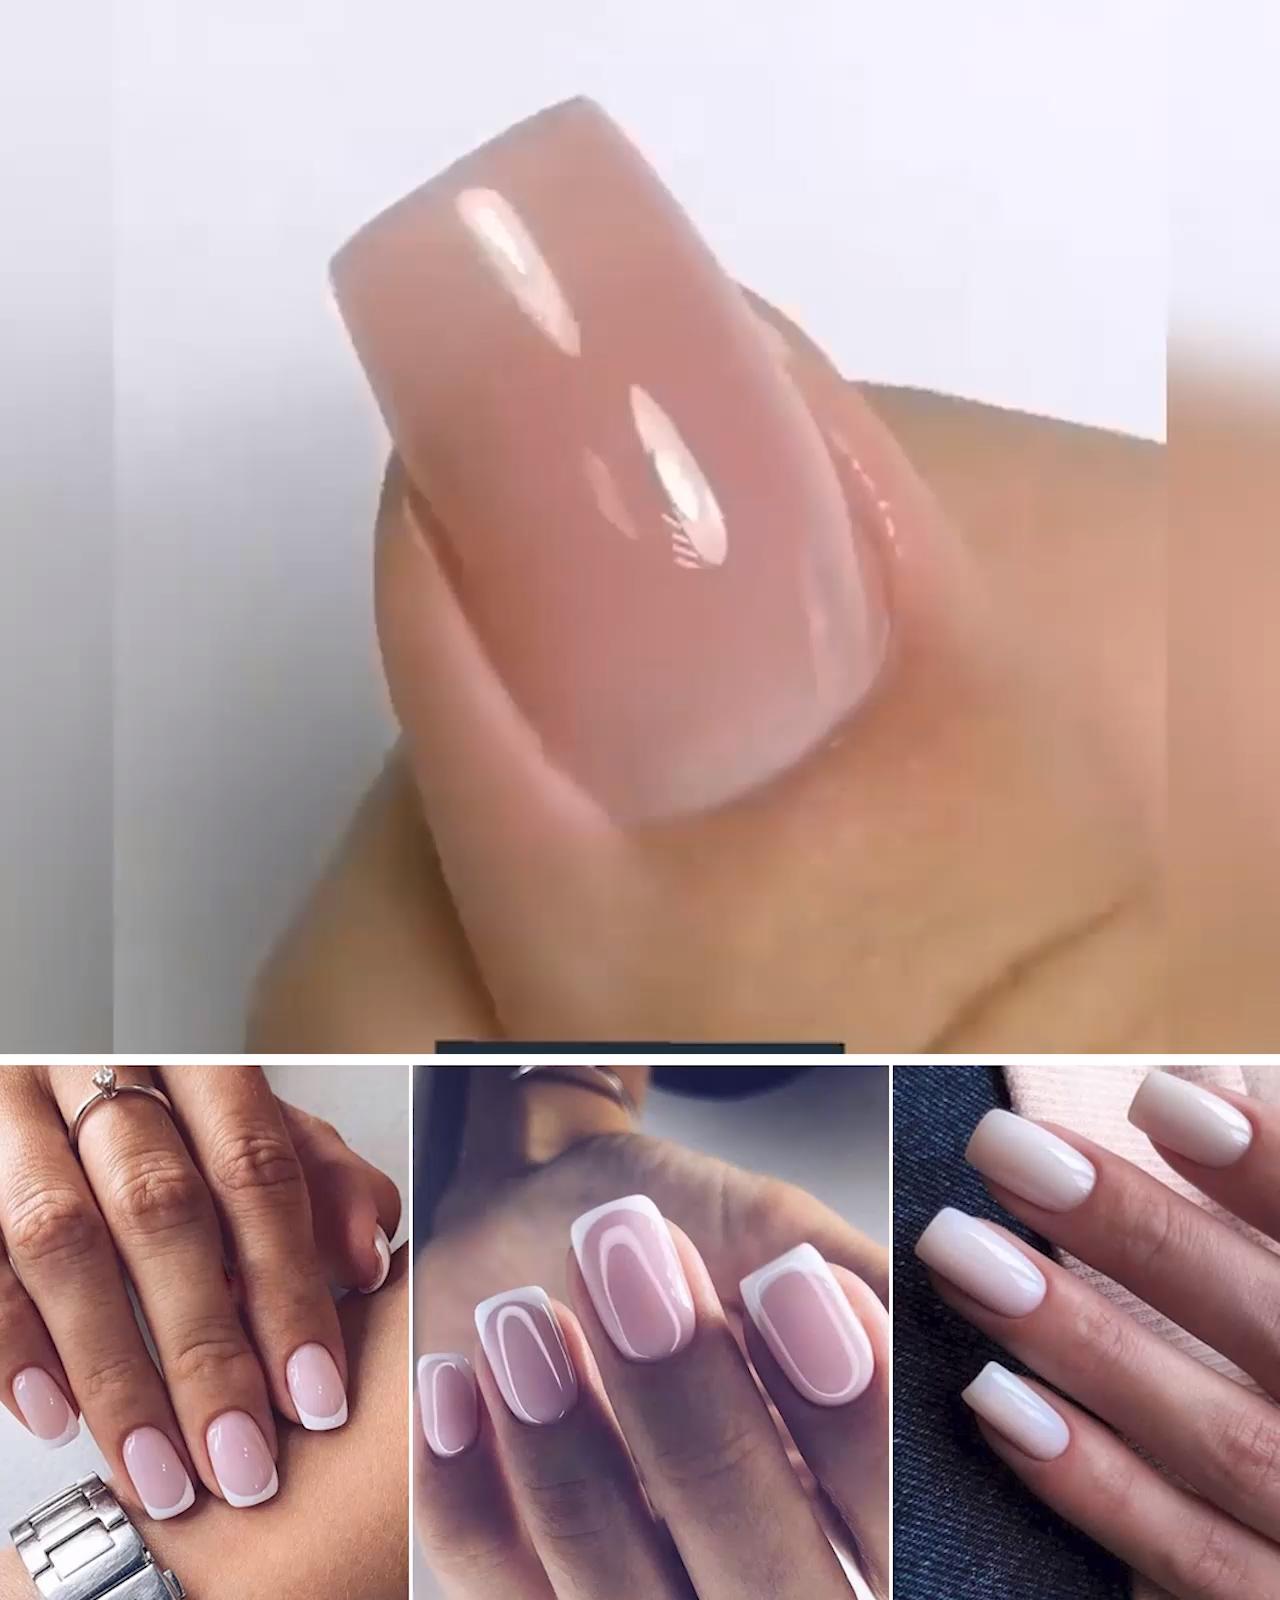 nagel videos #nails #nagel Tragen Sie unter den knstlichen Nagel eine dnne Schicht des Polygels auf und befestigen Sie ihn an Ihrem Nagel. Nach dem Trocknen unter dem LED-Licht, entfernen Sie den knstlichen Nagel und formen Sie den neuen Nagel mit einer Nagelfeile.